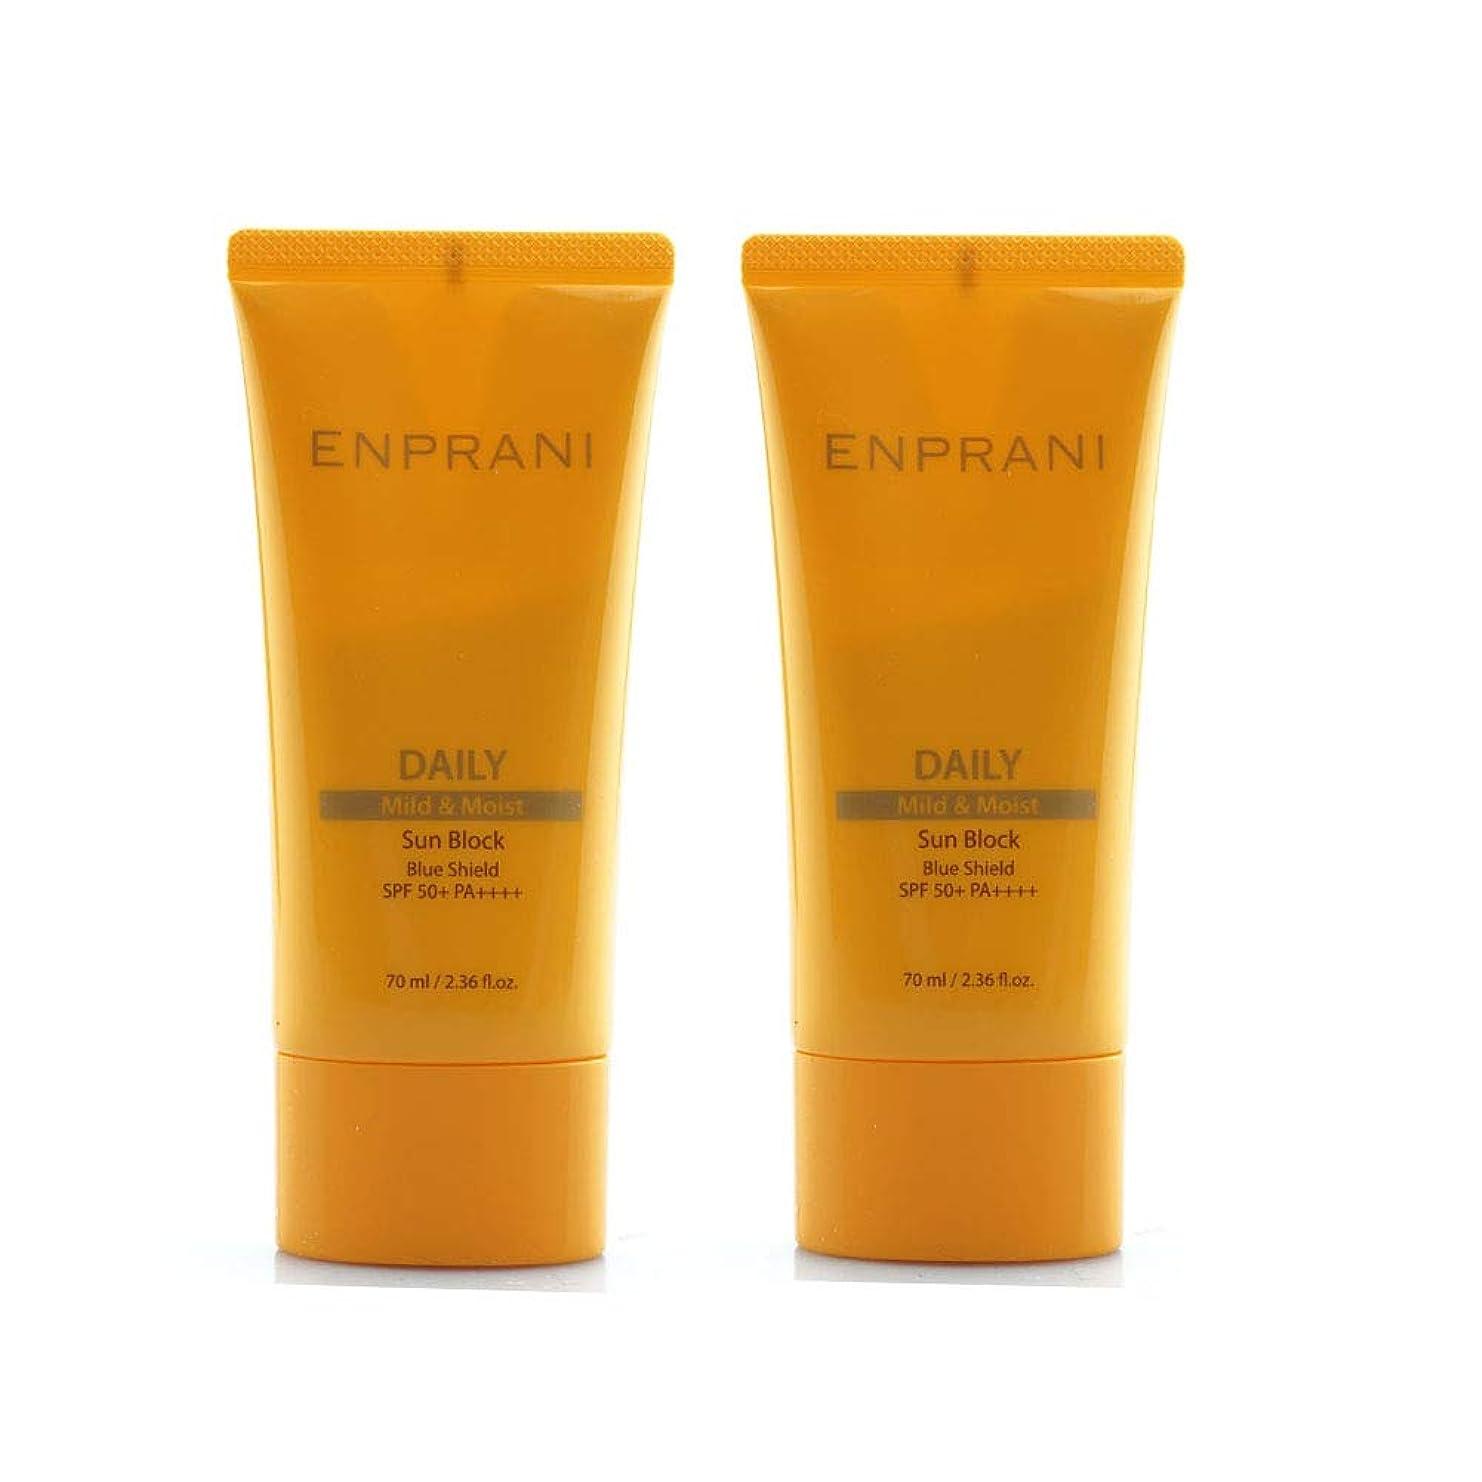 レポートを書く執着救出エンプラニデイリーサンブロックSPF50+/ PA++++ 70mlx2本セットサンクリーム、Enprani Daily Sun Block SPF50+ / PA++++ 70ml x 2ea Set Sun Cream [並行輸入品]